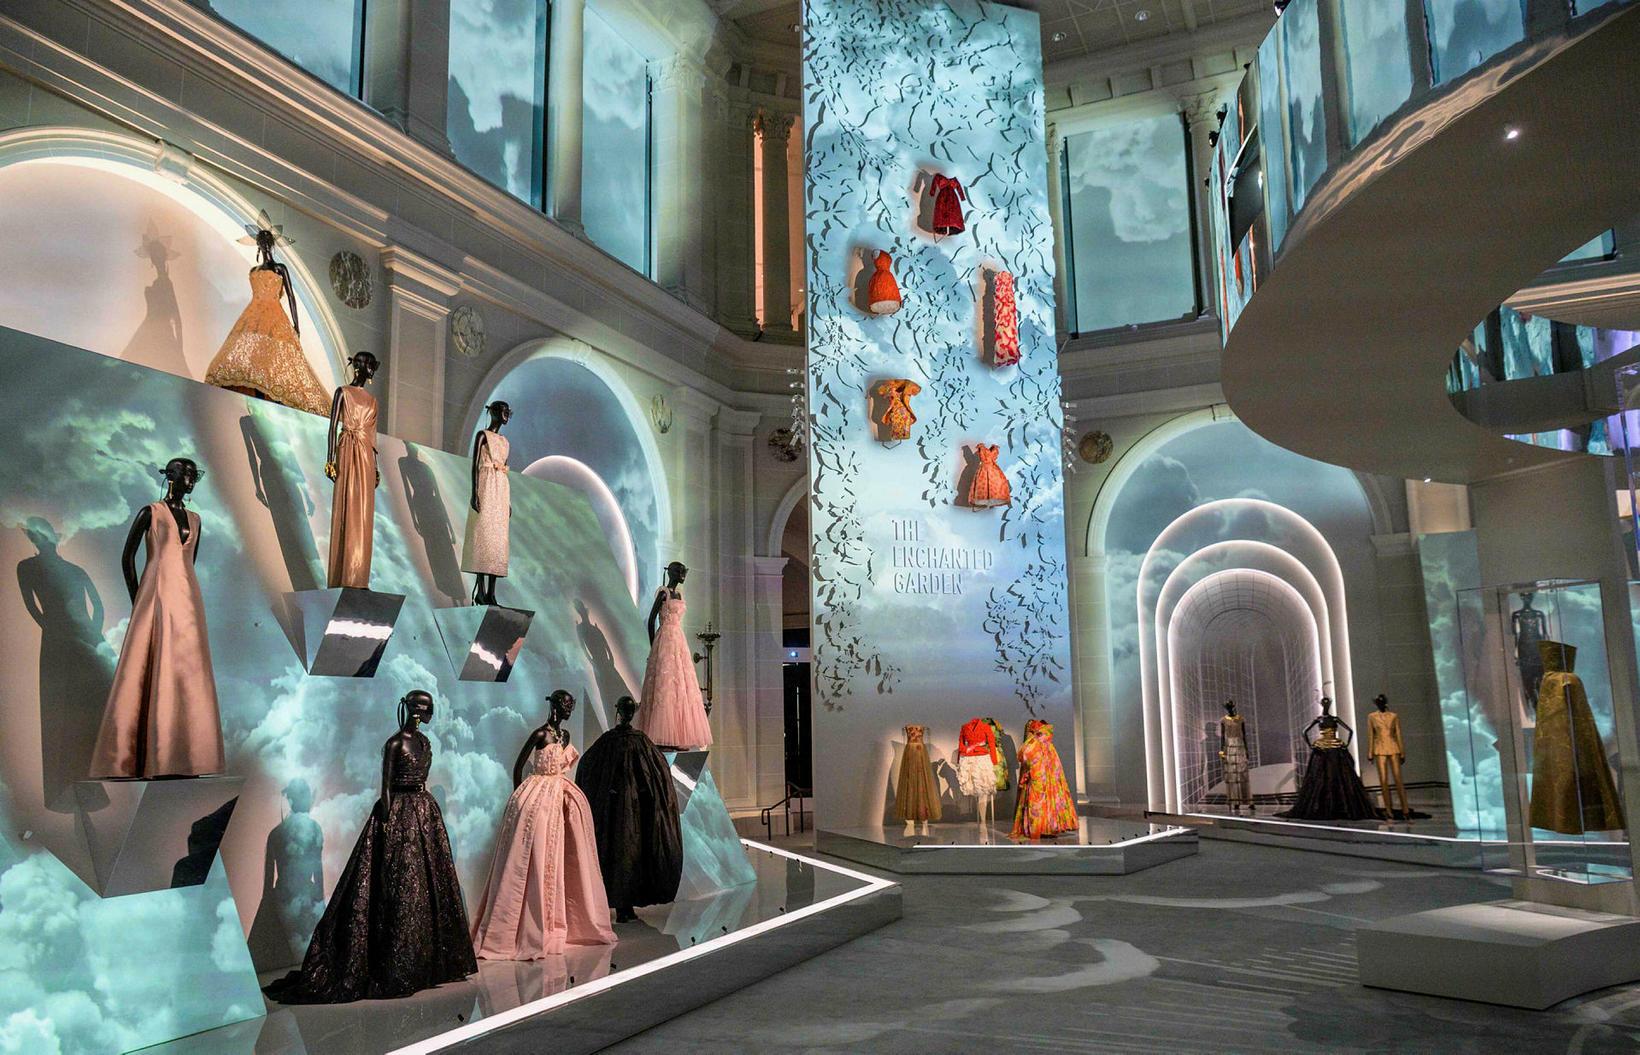 Kjólar frá hátískumerkinu Dior á safni í Brooklyn.